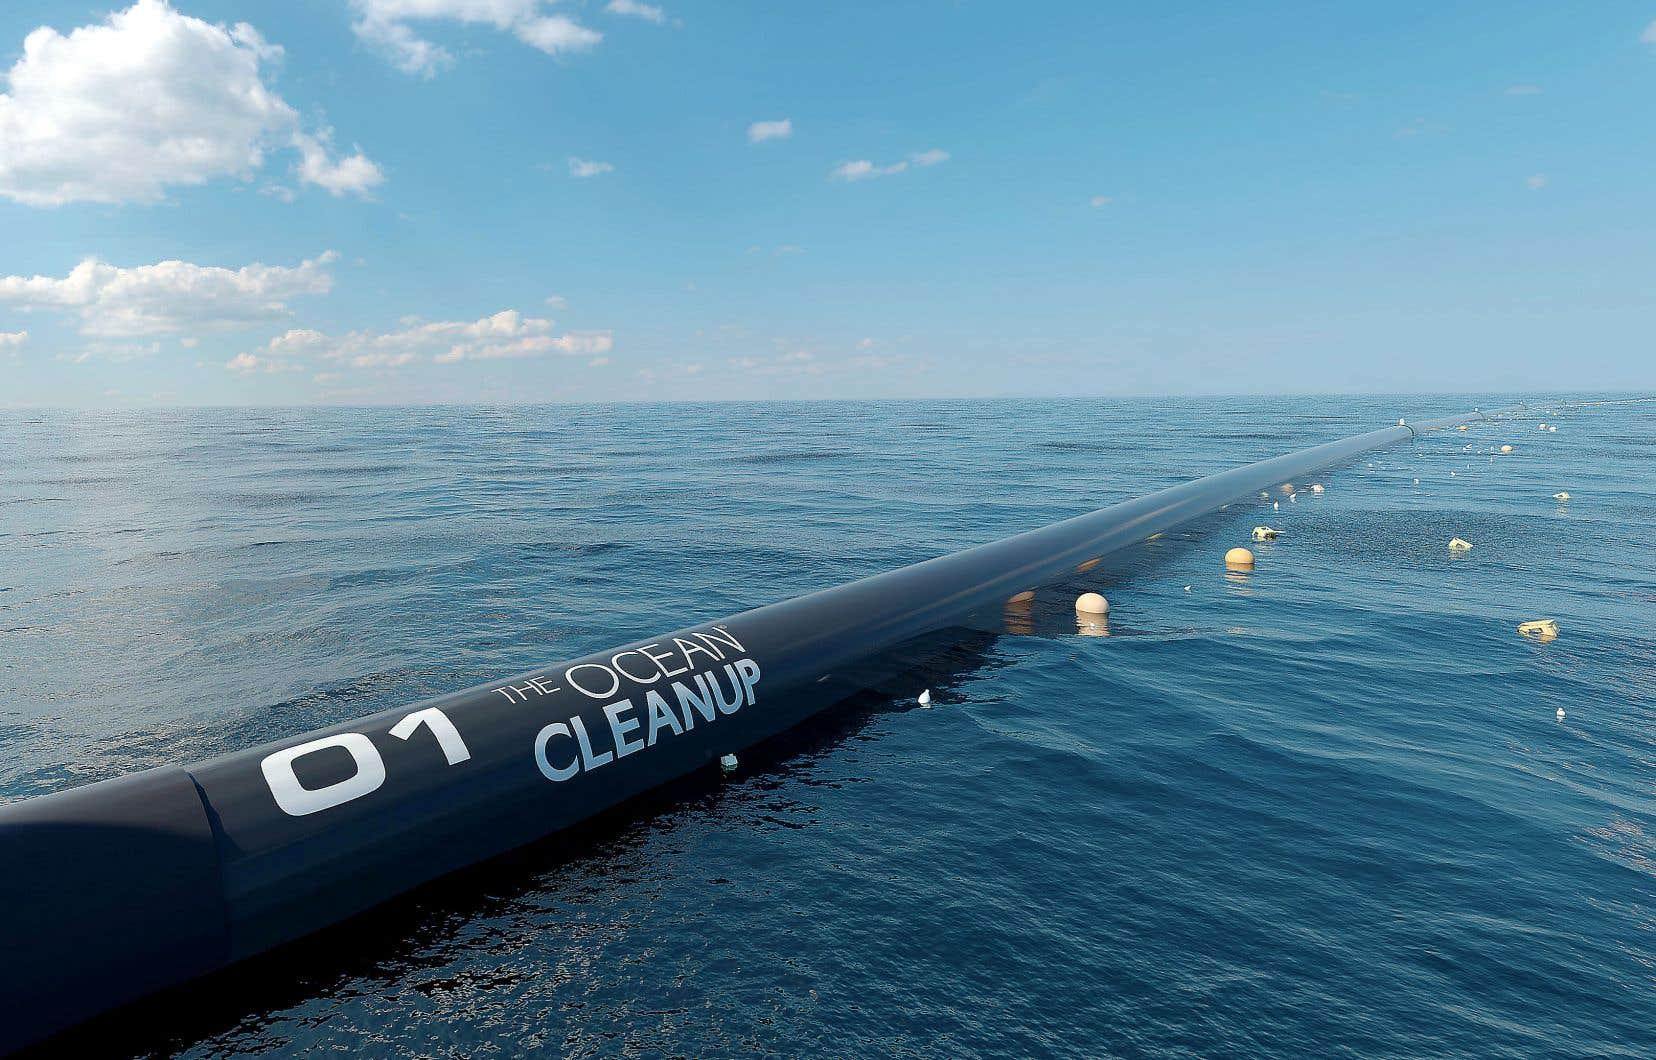 Le premier prototype d'infrastructure de nettoyage doit former une très longue barrière de plus de 600 mètres. Elle a été assemblée en Californie, avant son transport vers le continent de plastique du Pacifique.